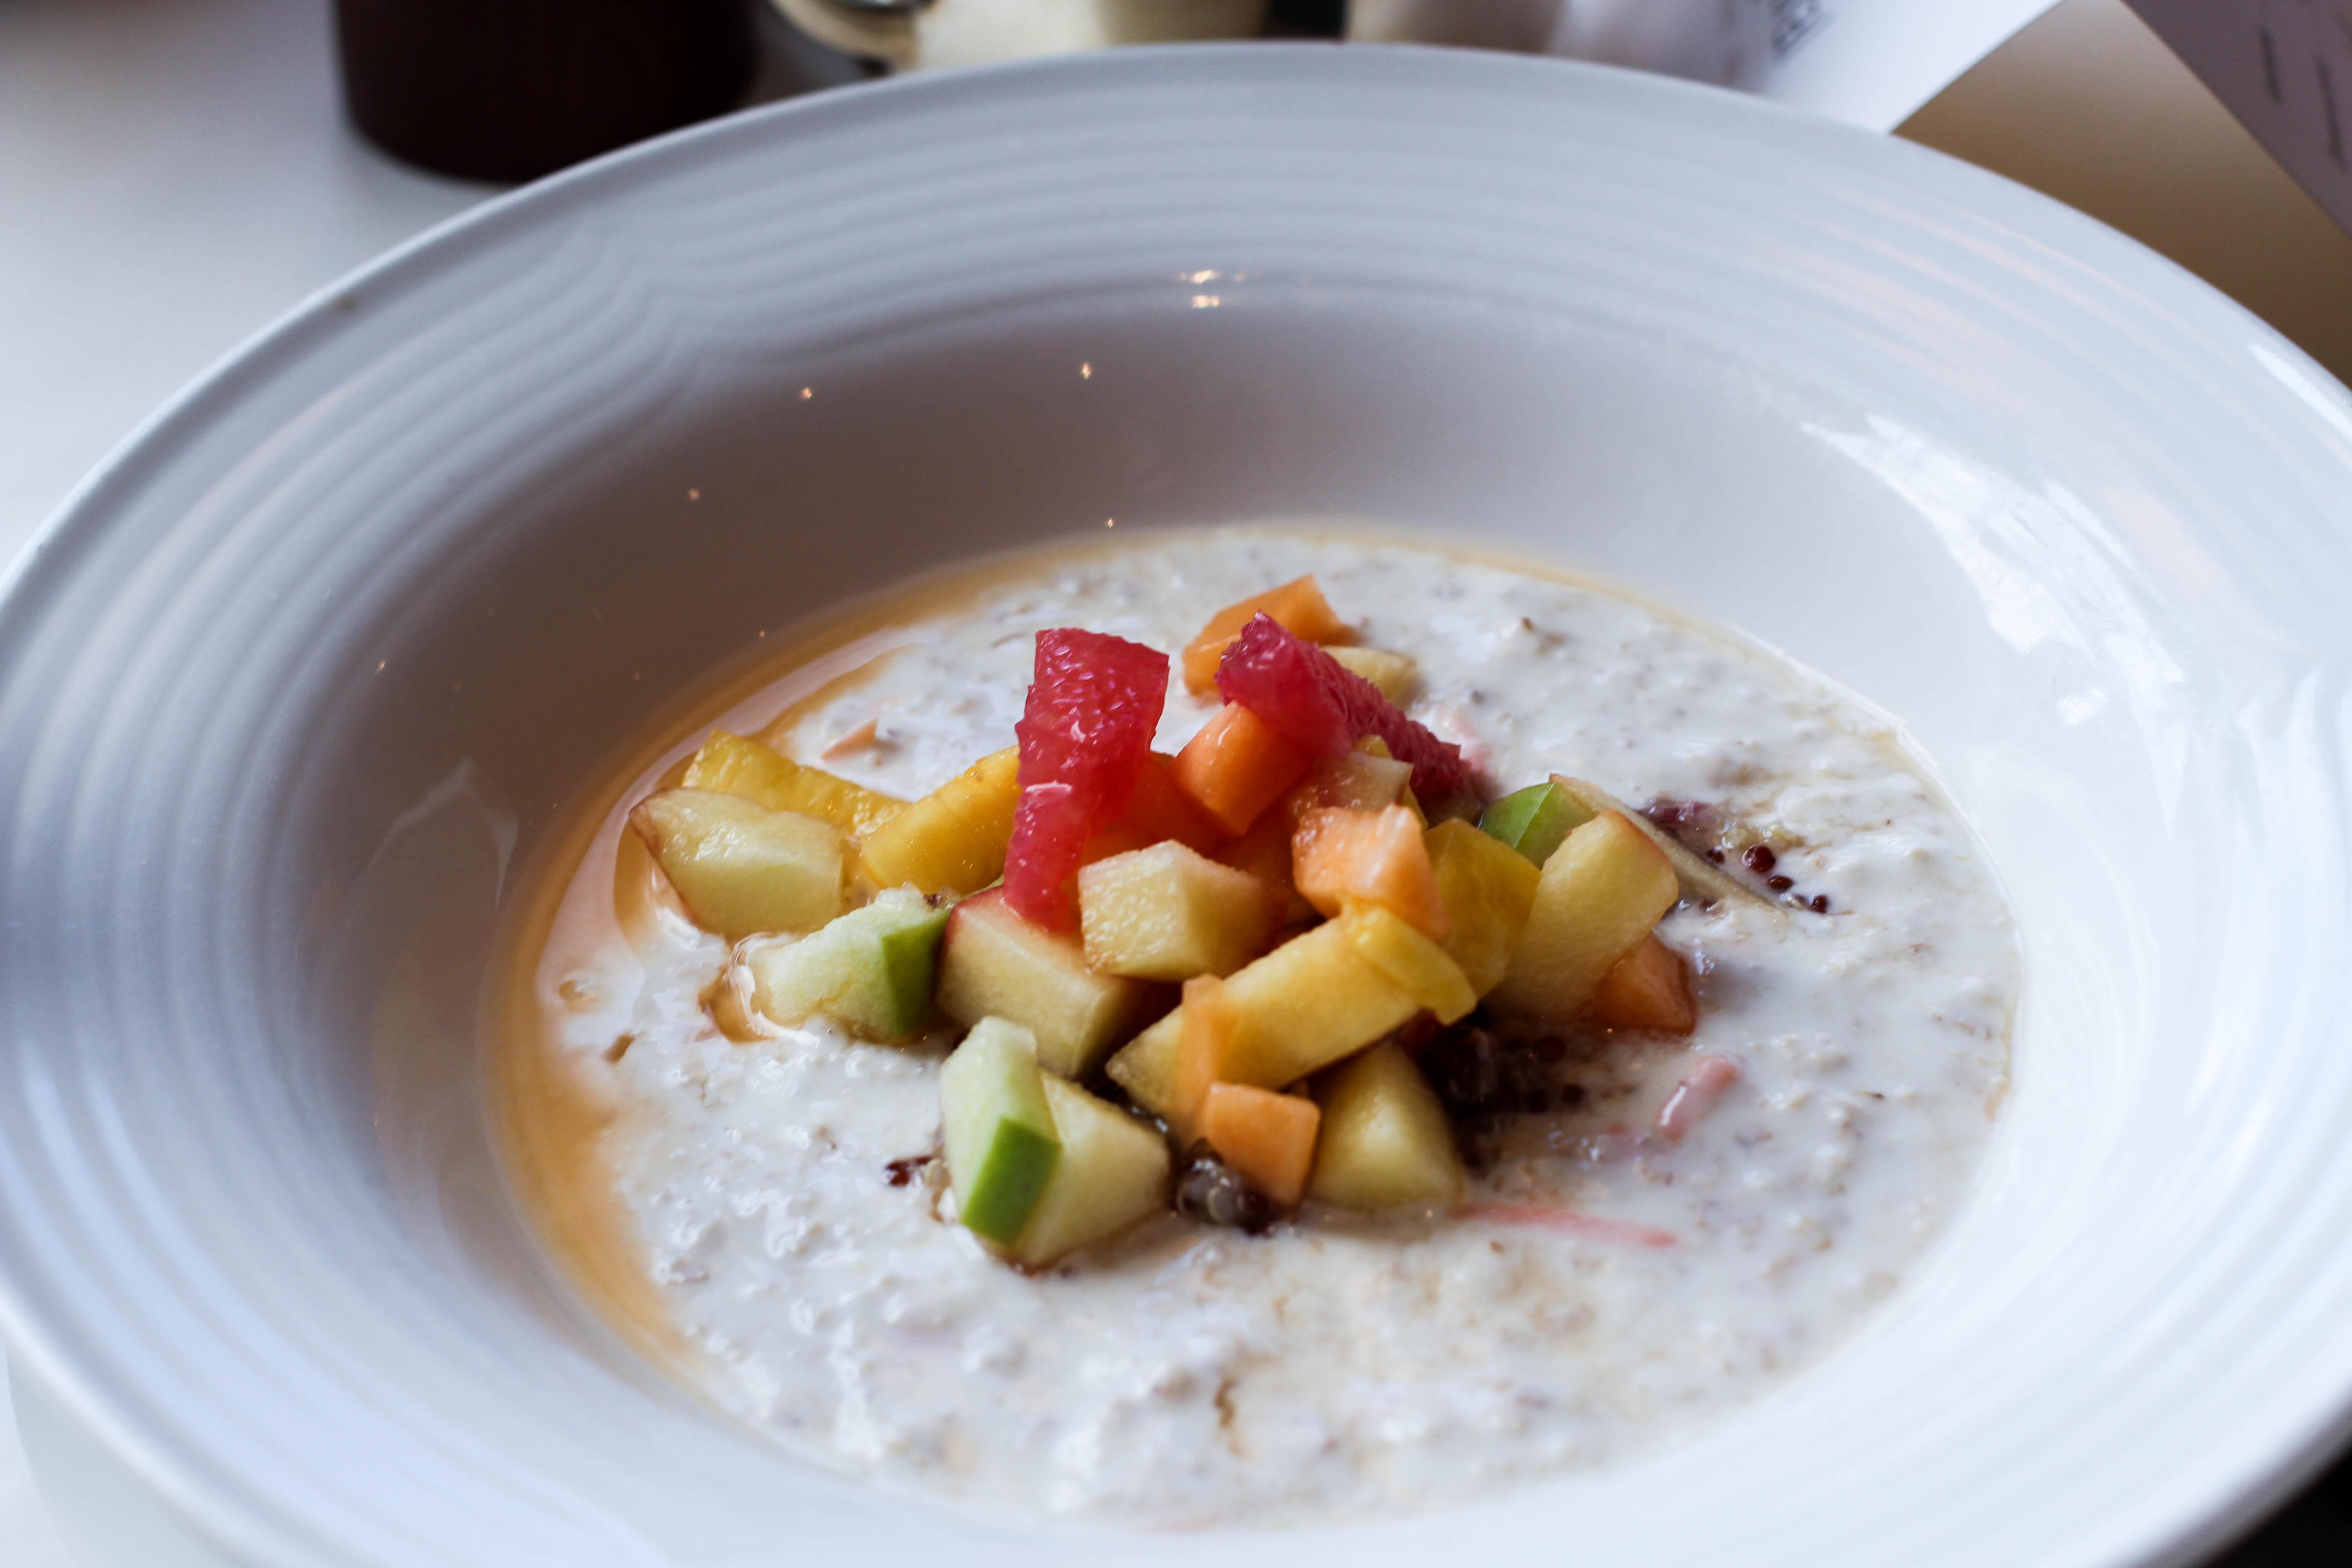 Frühstück Bircher Müsli Gourmethotel Das Central Sölden 5-Sterne Luxushotel Sölden Tirol Österreich Winterurlaub Reiseblog